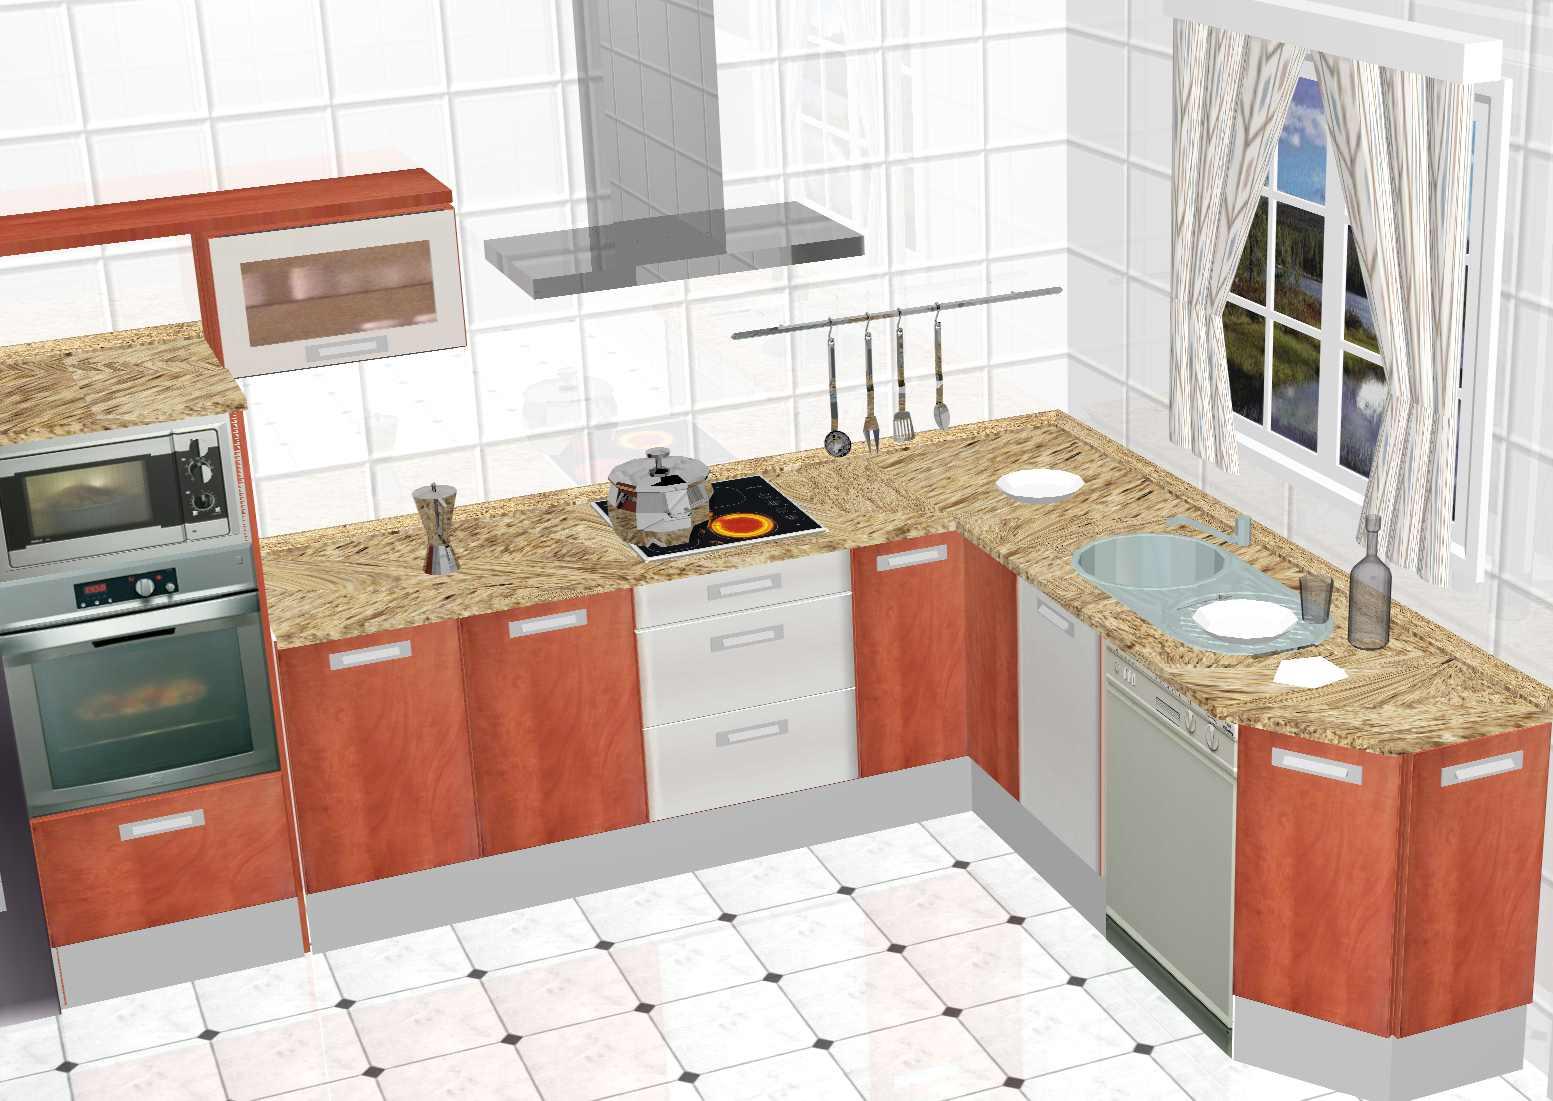 Coches manuales programas diseno cocinas 3d gratis espanol - Diseno cocina 3d ...